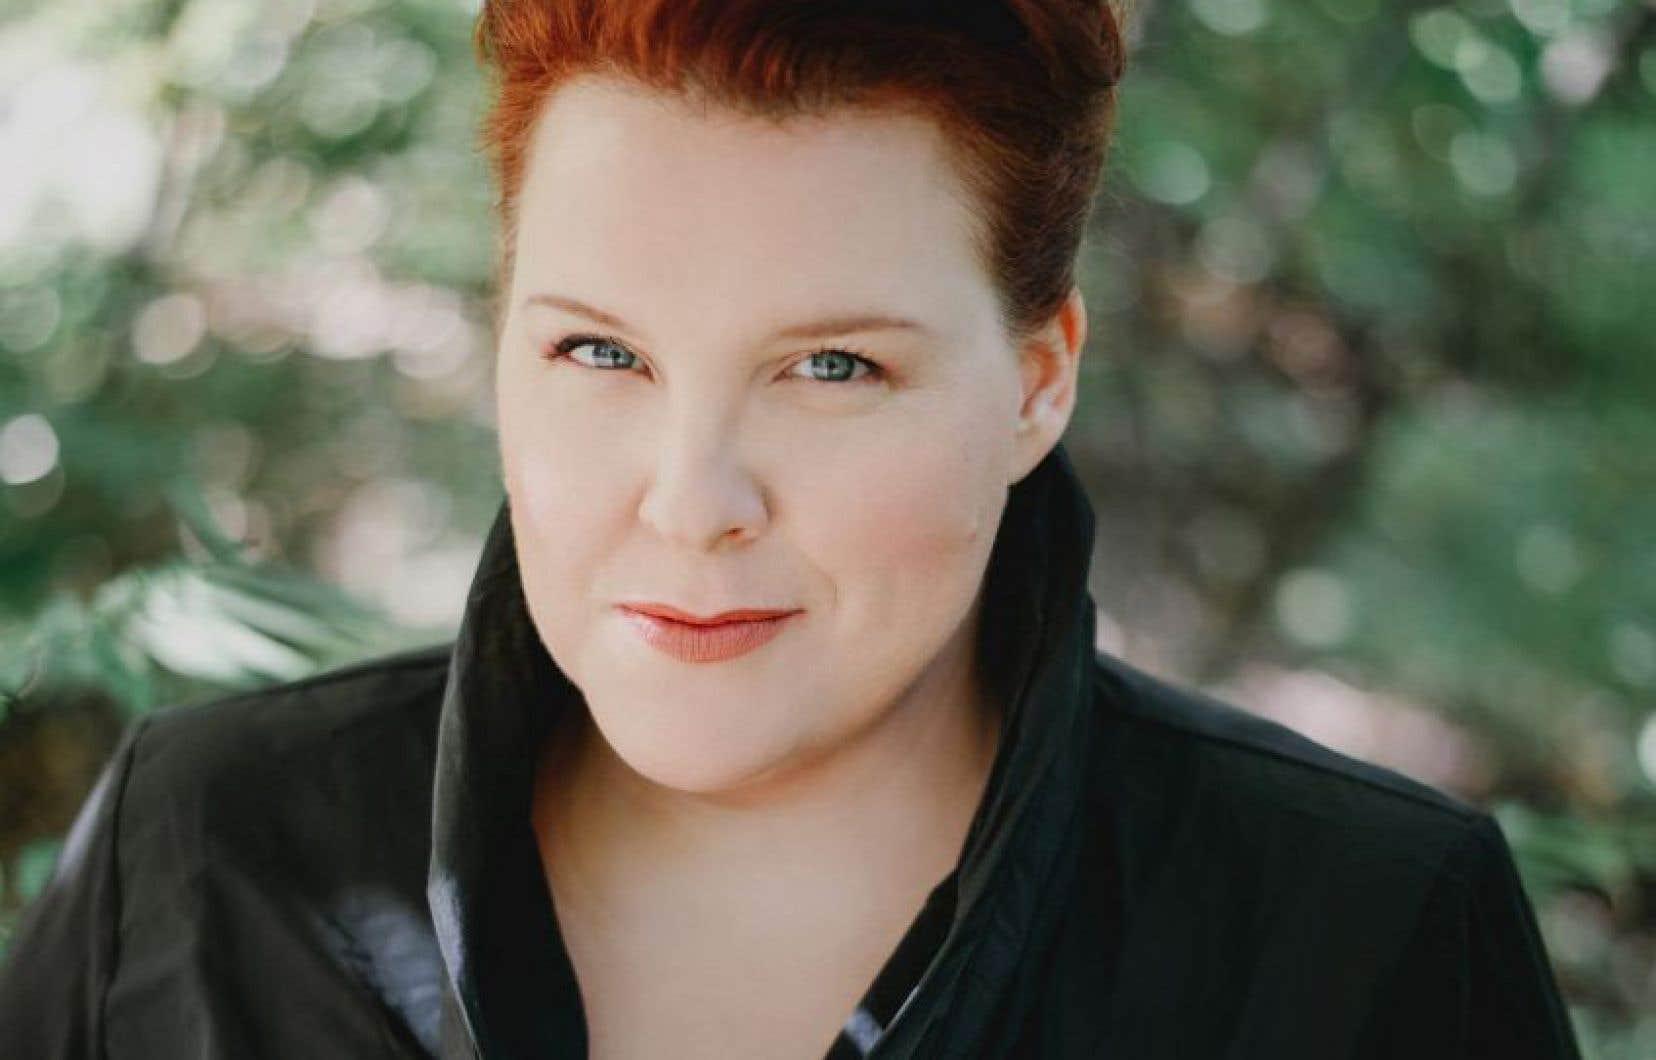 La contralto Marie-Nicole Lemieux présentera dimanche un récital avec Louis Lortie.